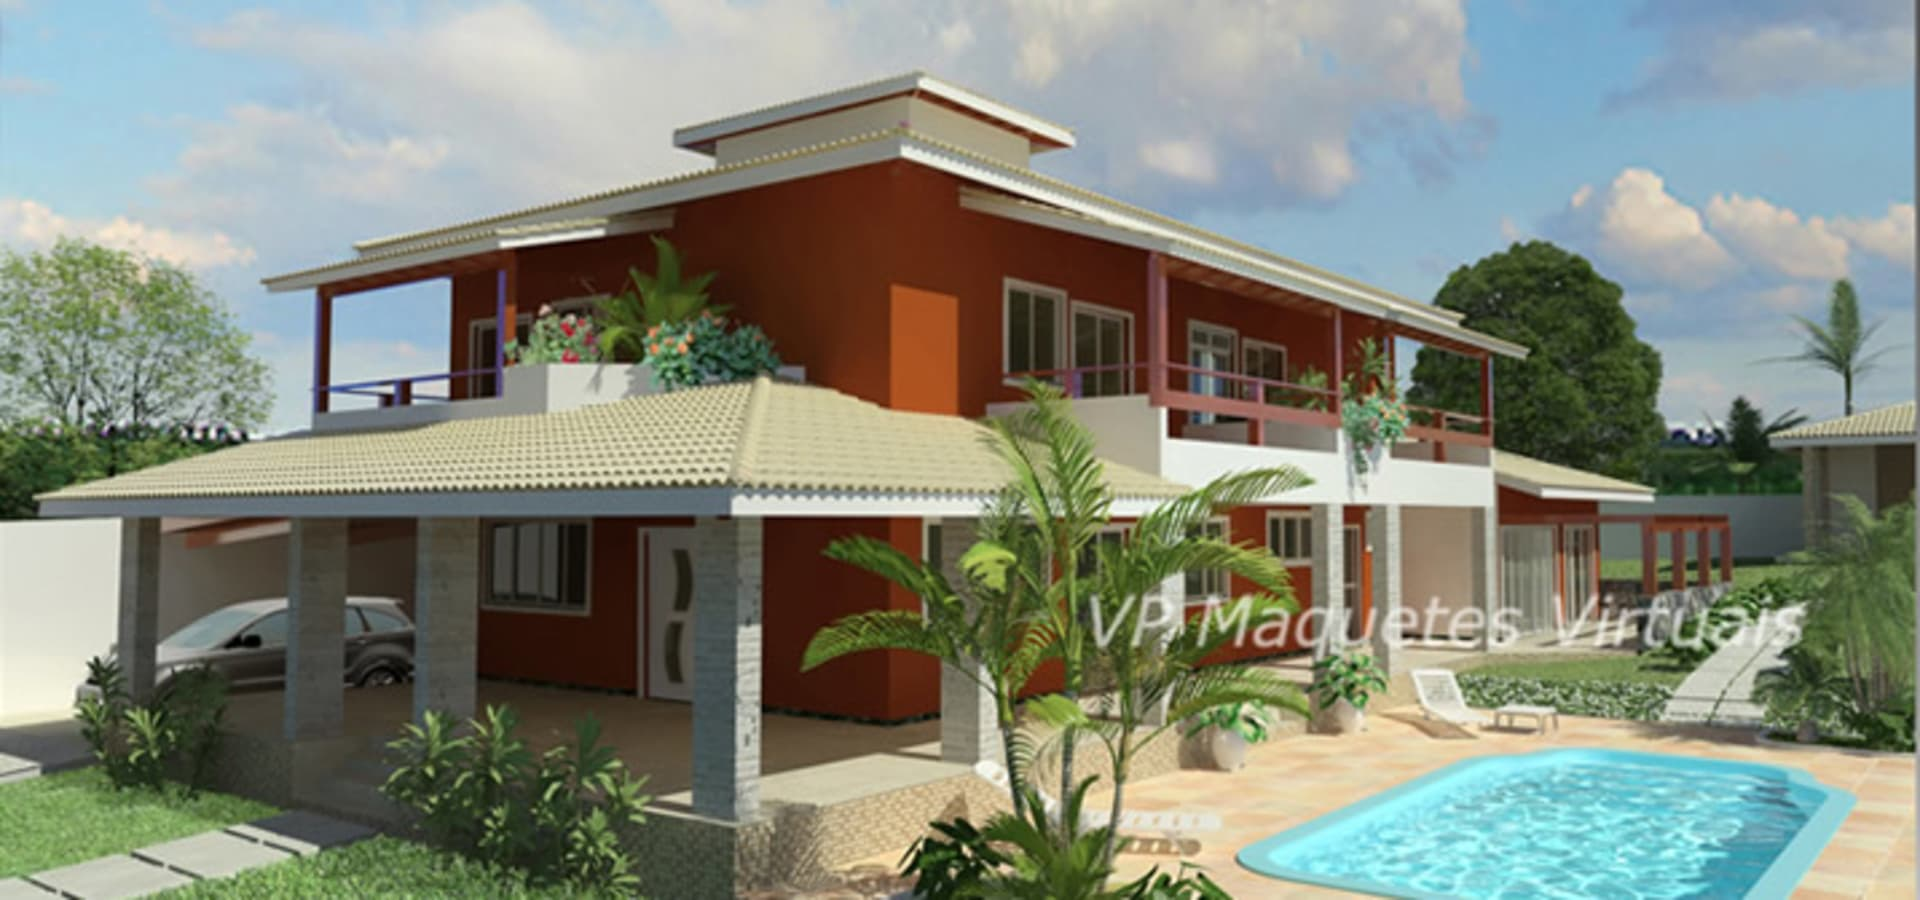 Vparques Arquitetura E Servi Os Arquitetos Em Salvador